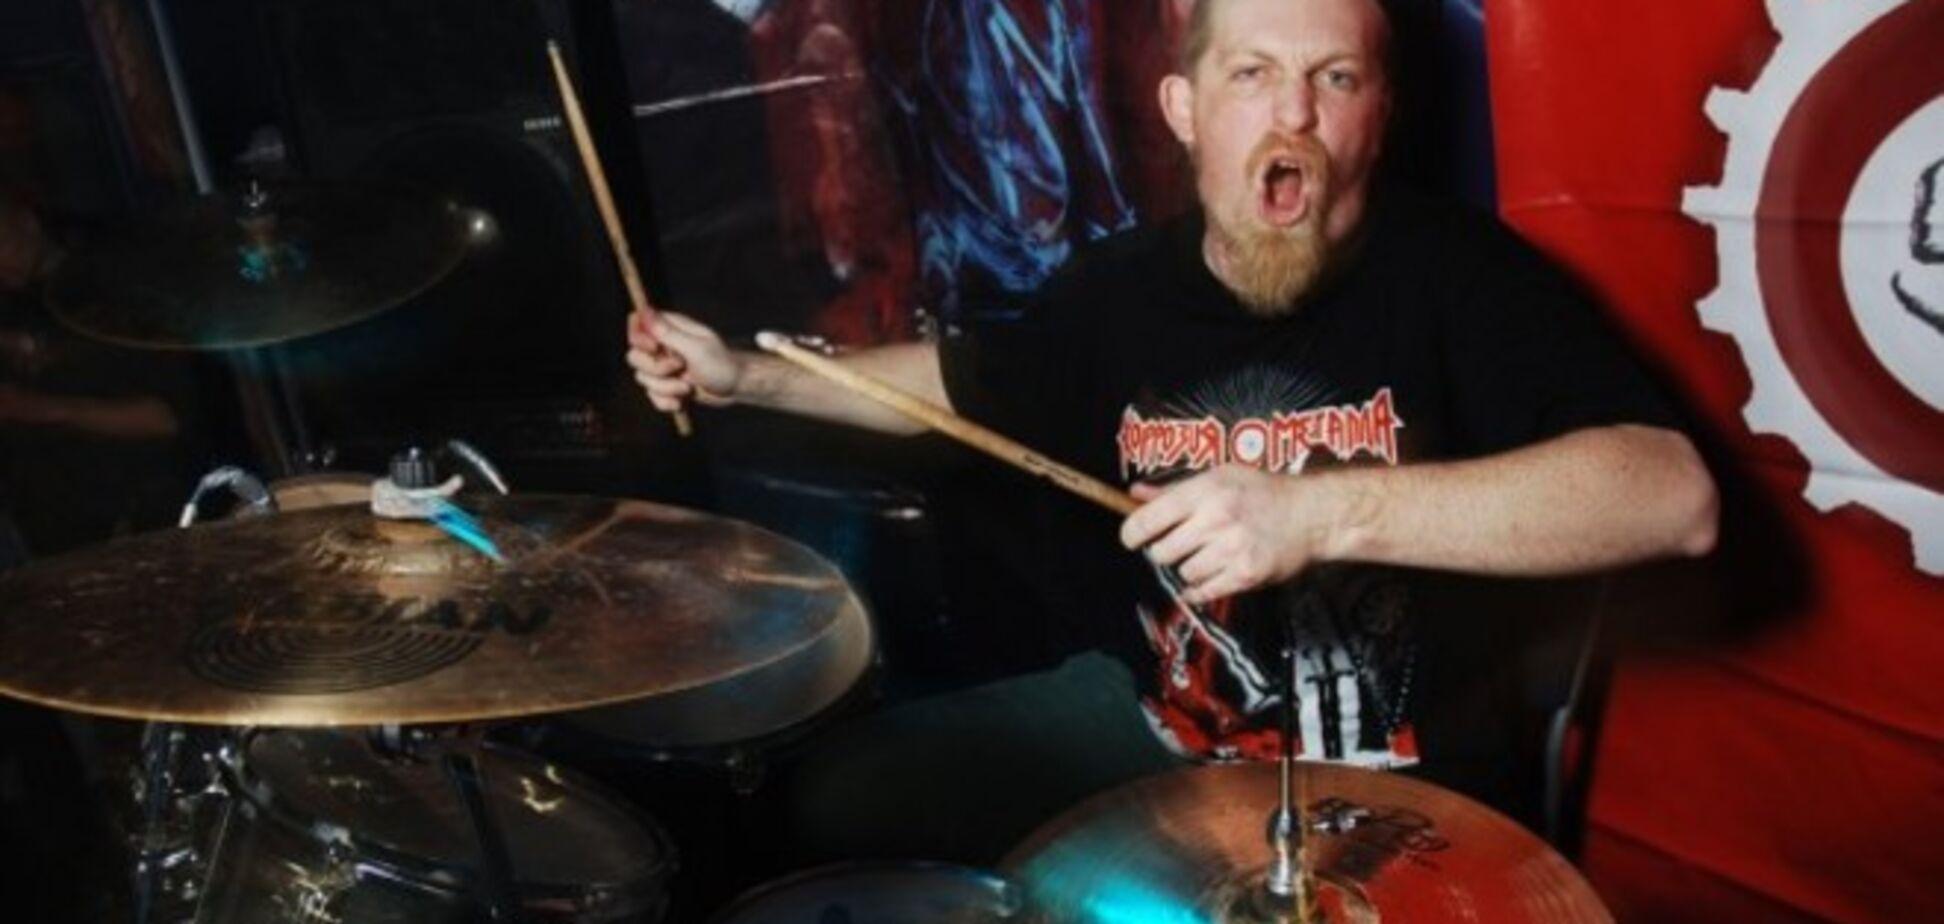 Барабанщик 'Коррозии металла' едет в зону АТО 'служить 3 месяца в музыкальном взводе АЗОВа'